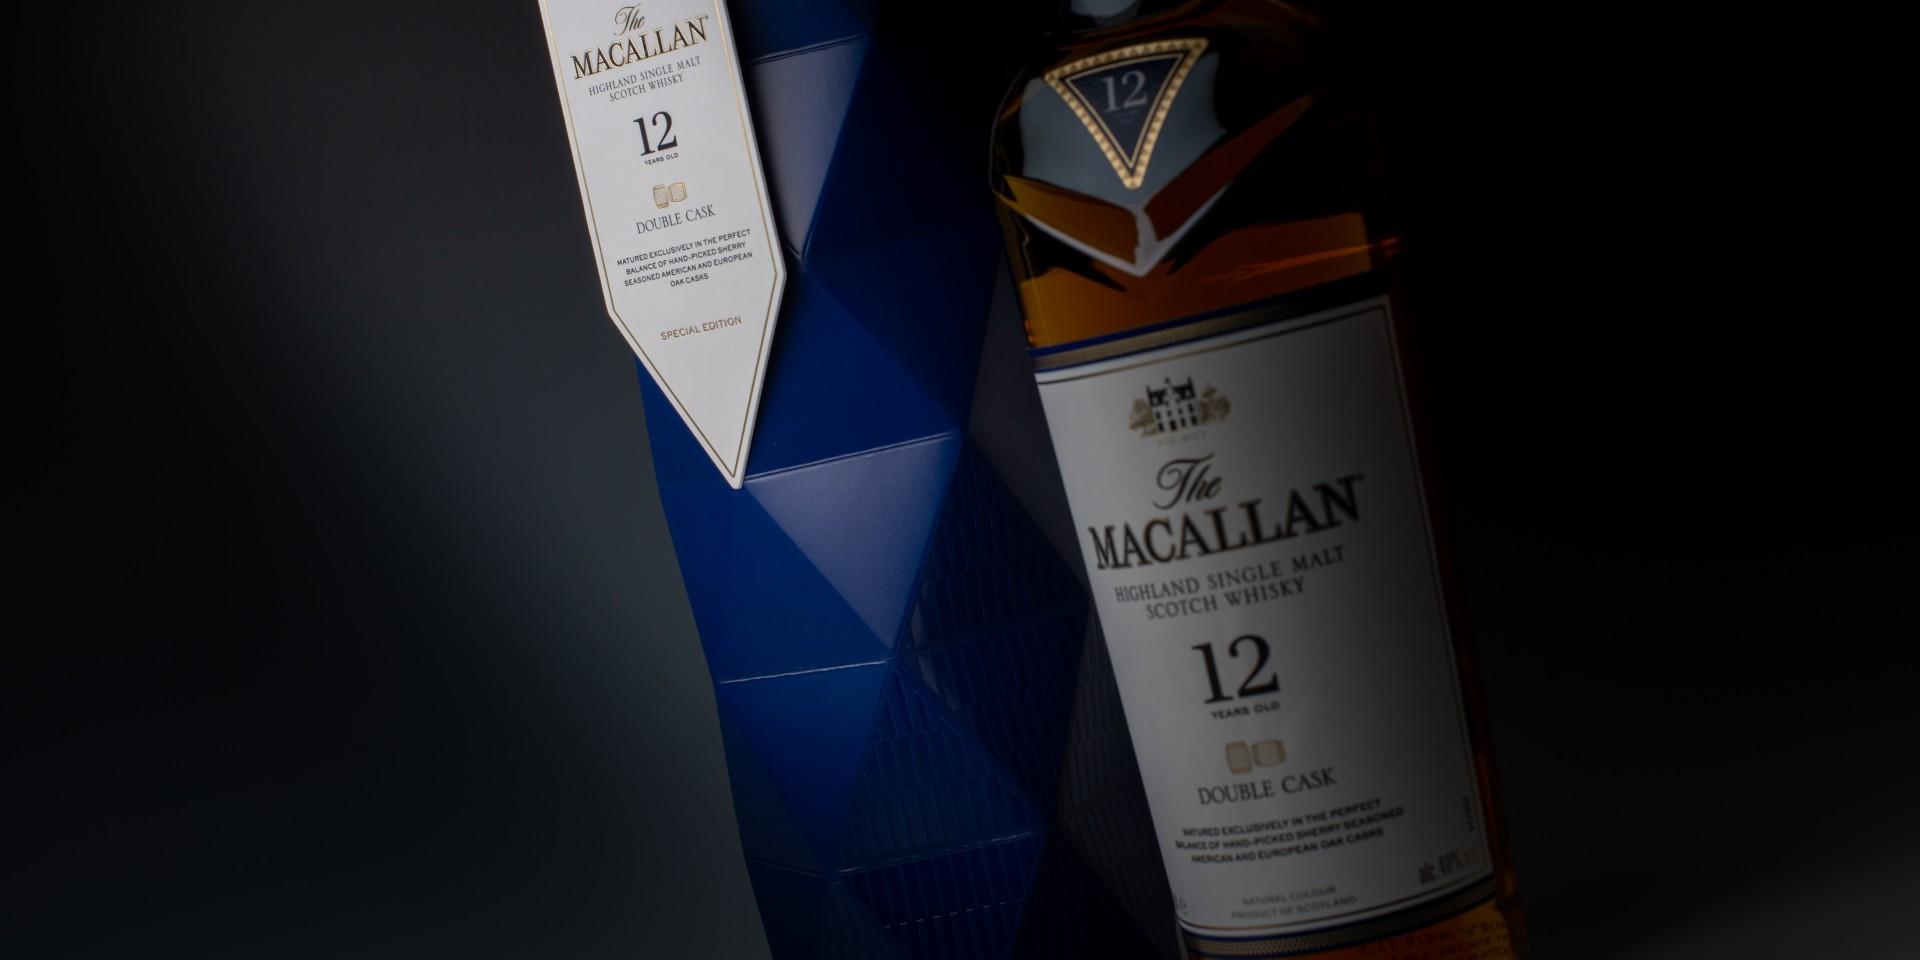 麥卡倫推出雪莉雙桶12年新酒廠週年全球限量包裝